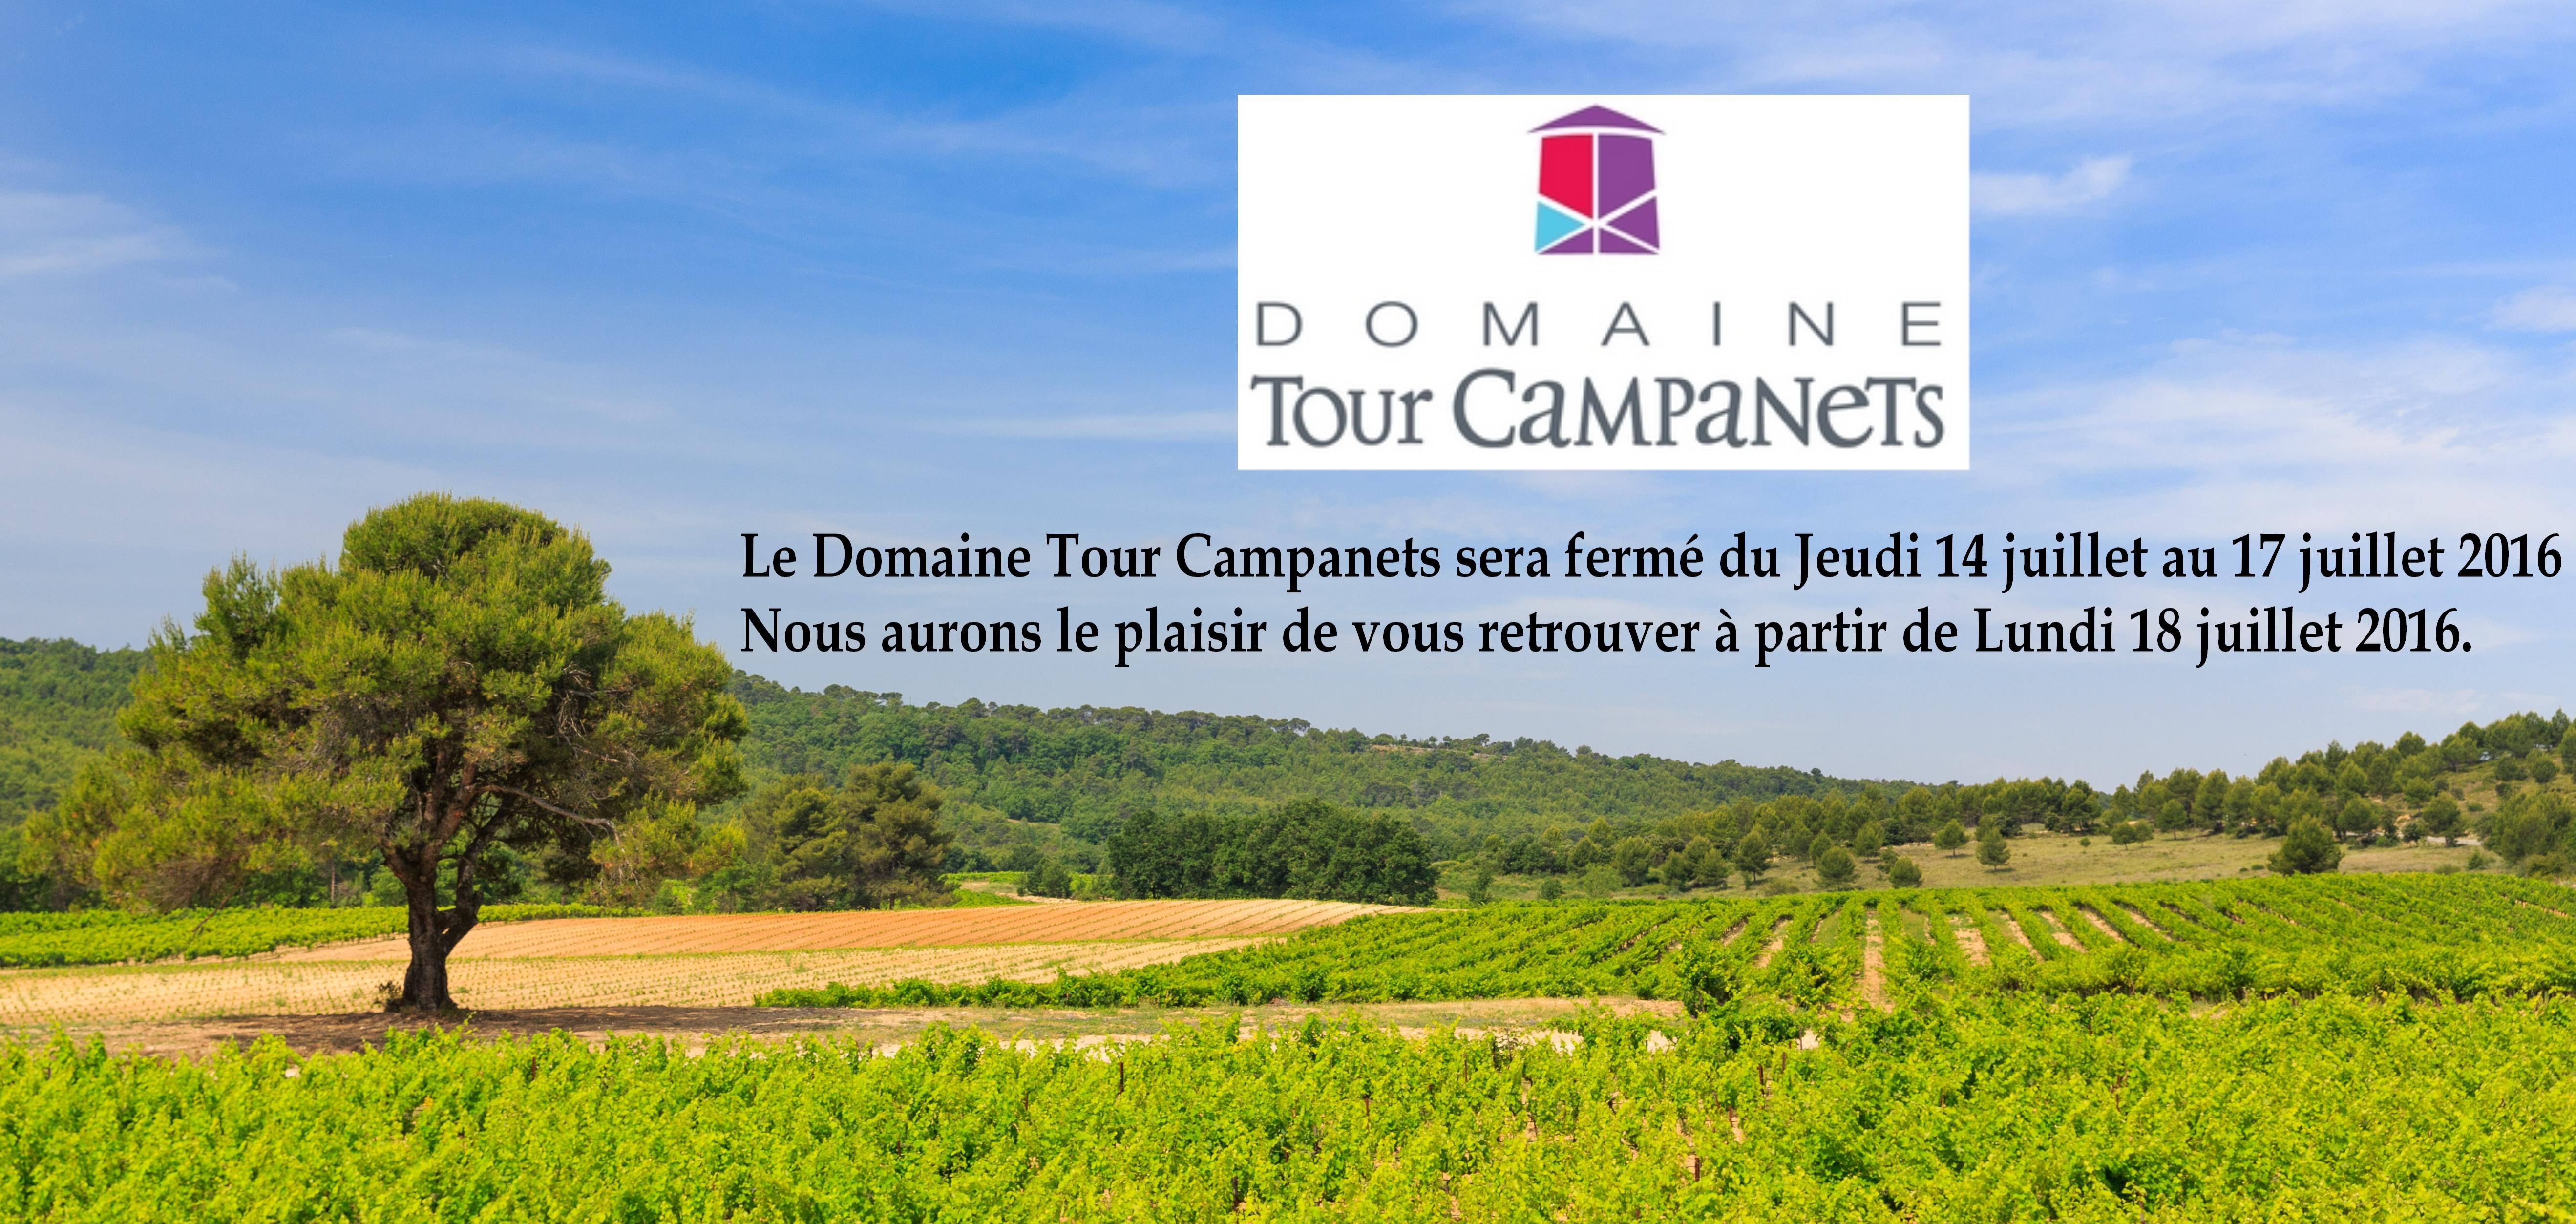 Fermeture Juillet 2016 Domaine Tour Campanets